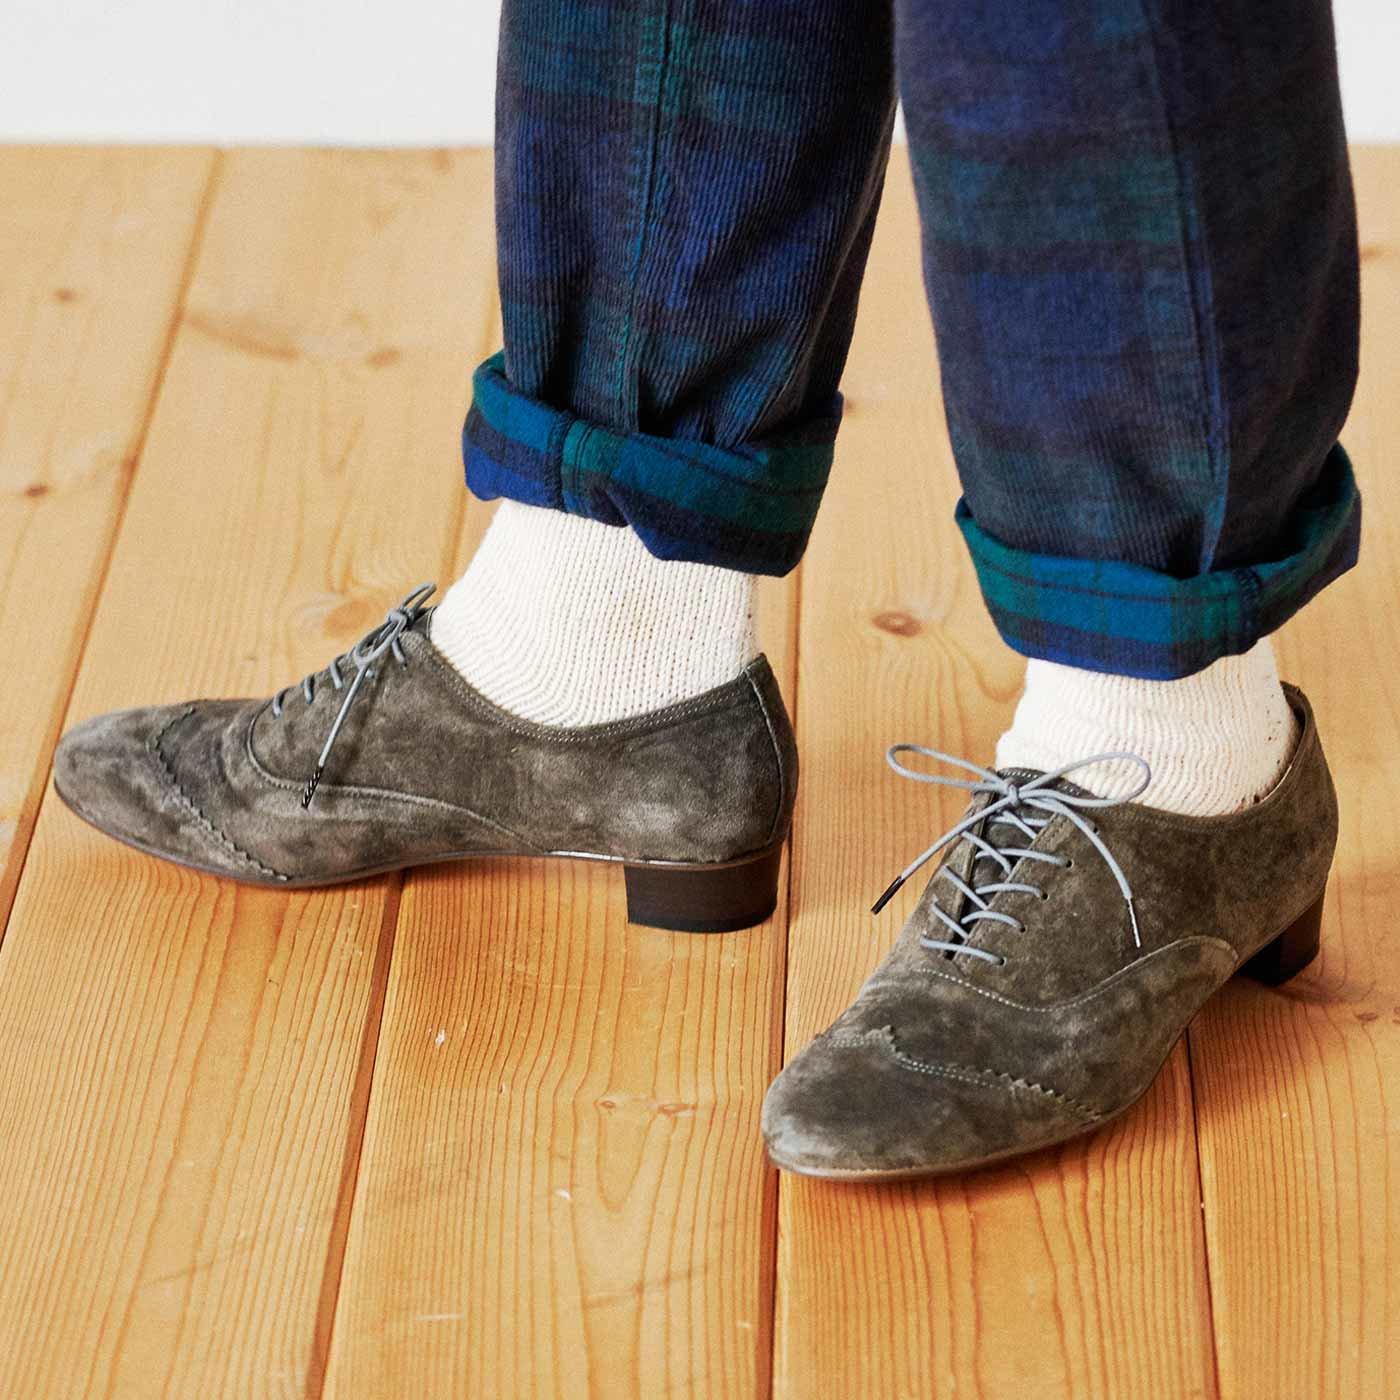 長田靴職人の本革仕立て シンプルレースアップ スエードシューズ〈オリーブグレー〉[本革 靴:日本製]